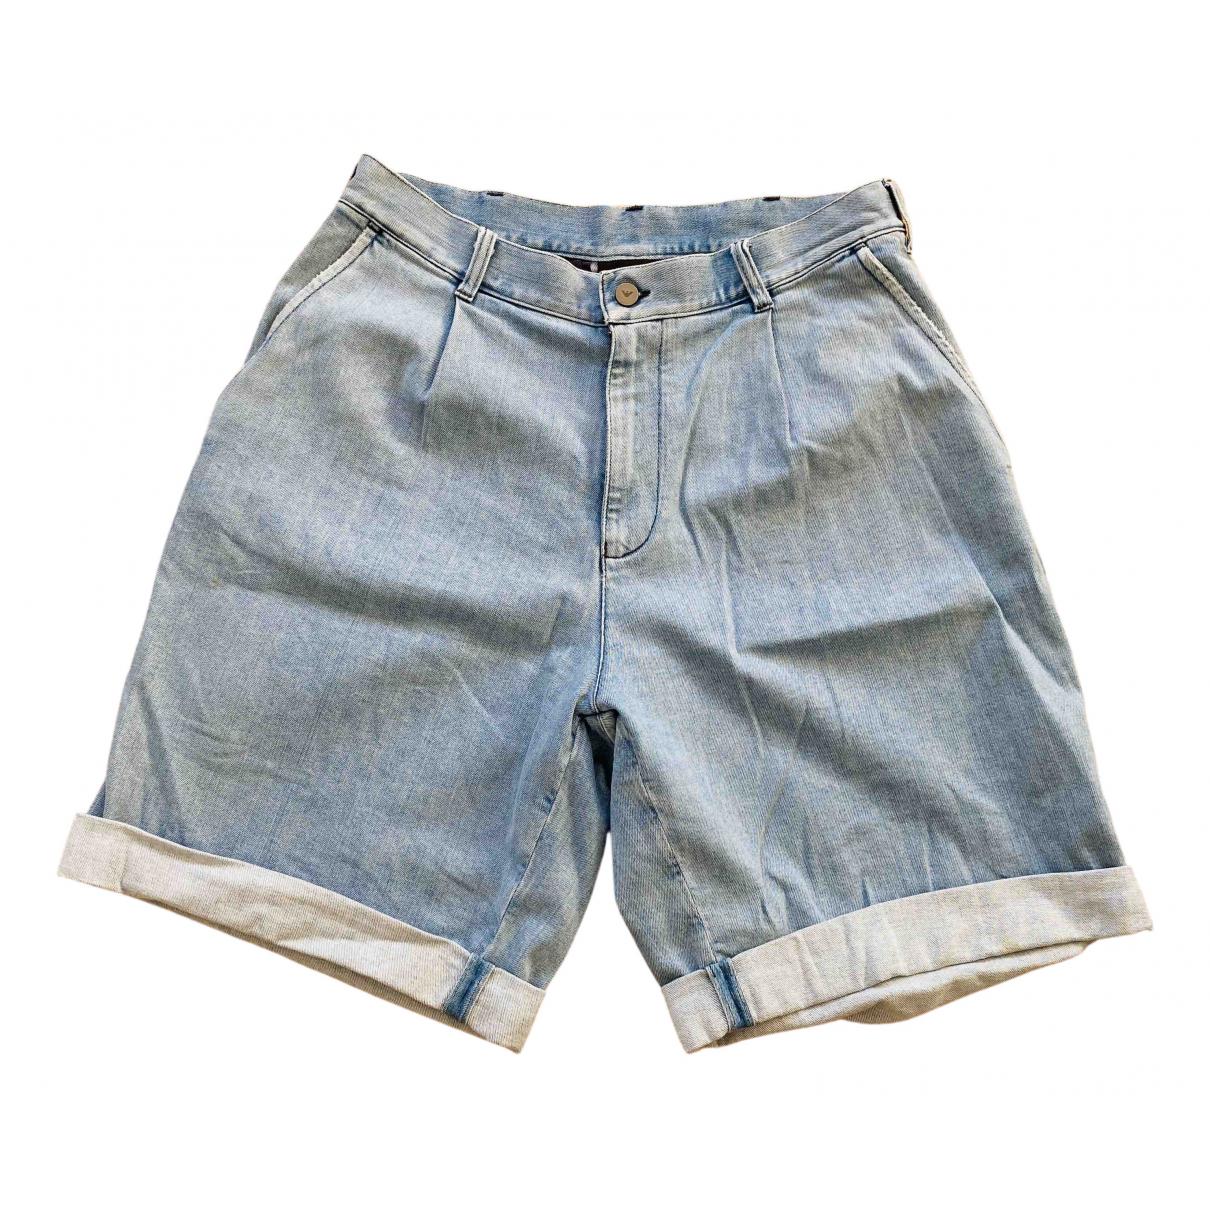 Emporio Armani \N Shorts in  Blau Denim - Jeans